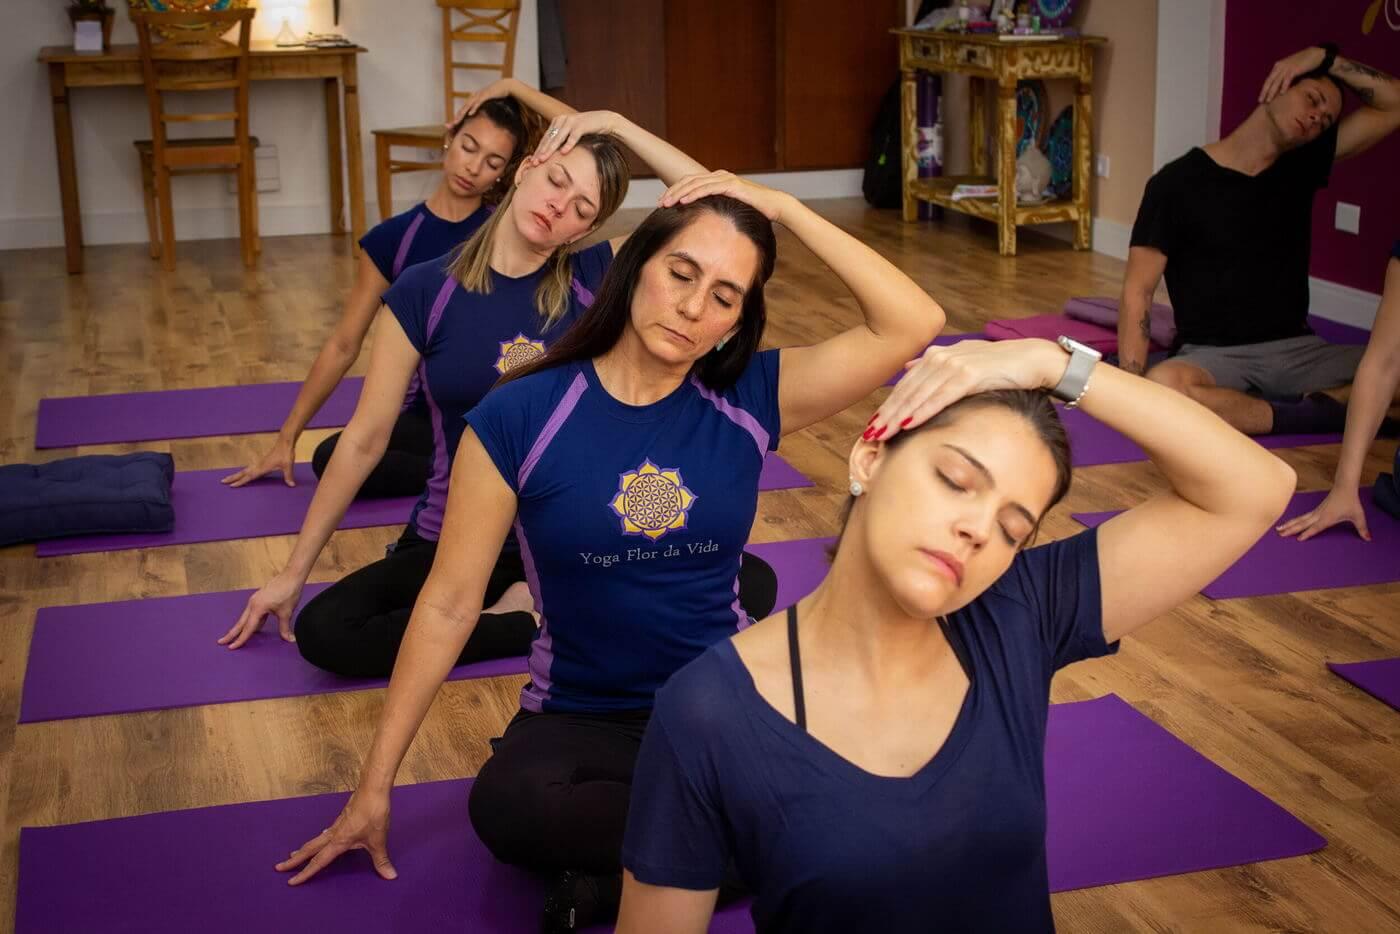 Yoga Flor Da Vida 32